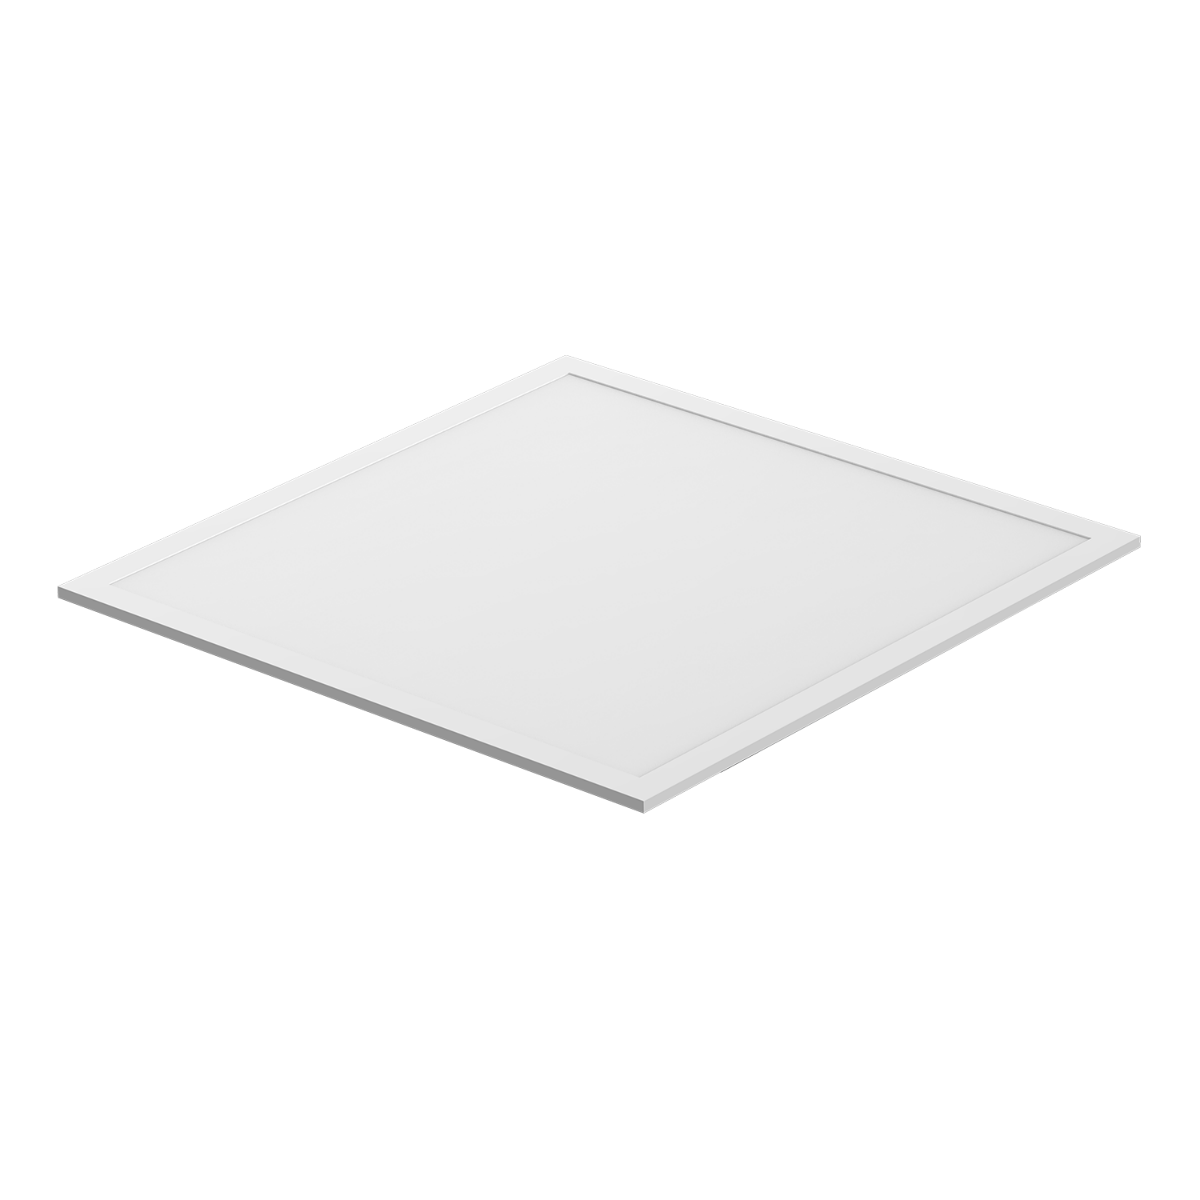 Noxion LED Panel Econox 32W 60x60cm 4000K 4400lm UGR <22 | Ersatz für 4x18W